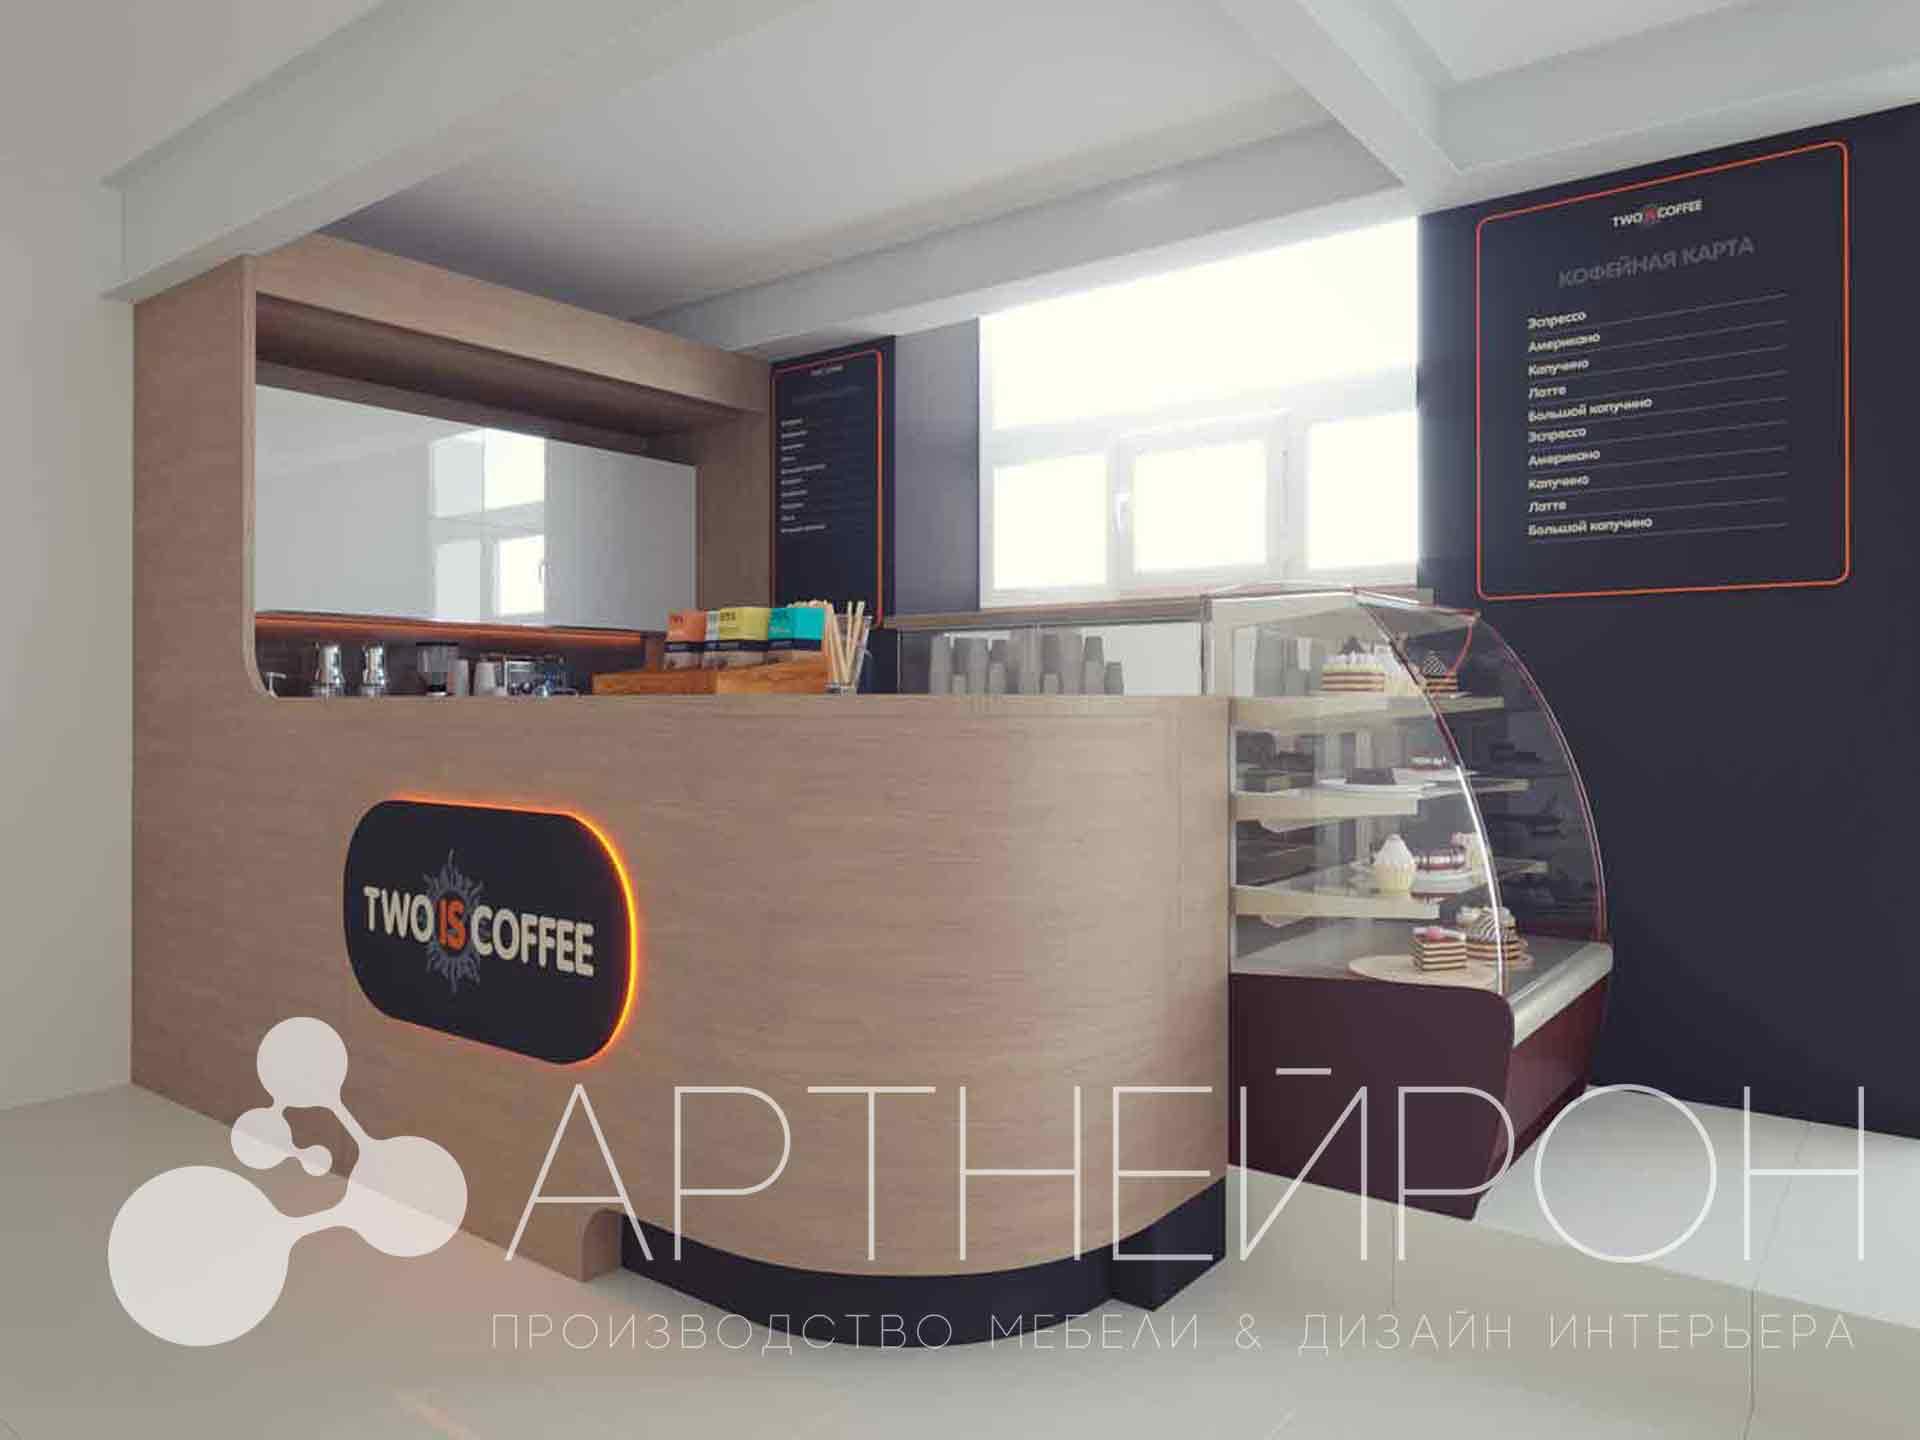 Дизайн кофейни Two is cofe